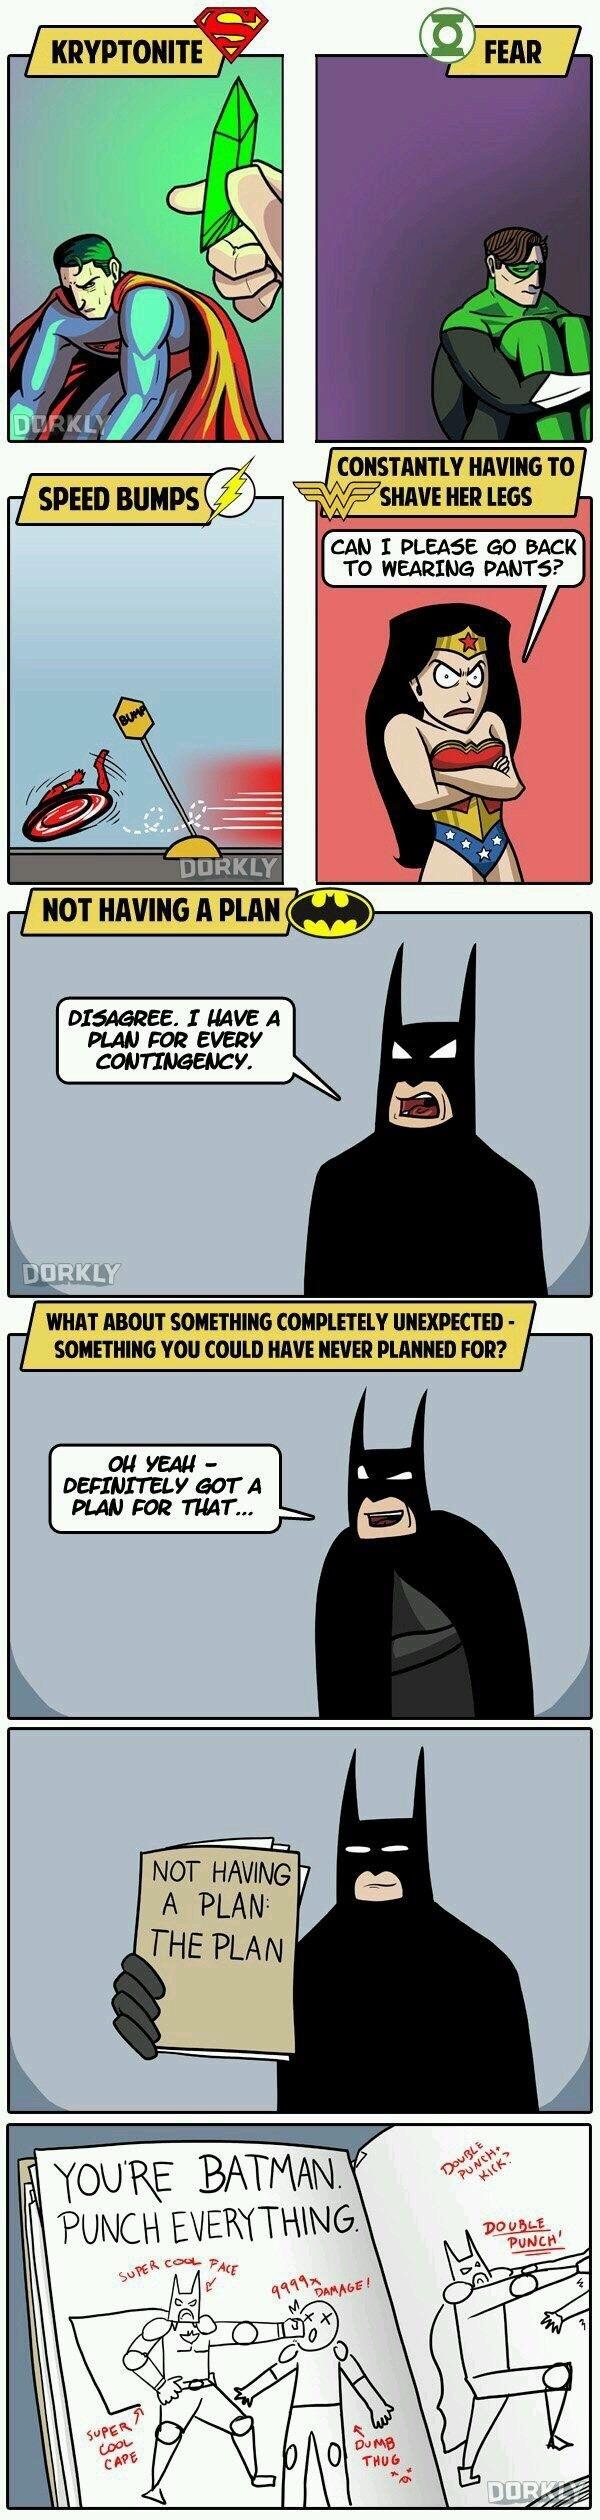 Cause he's Batman!